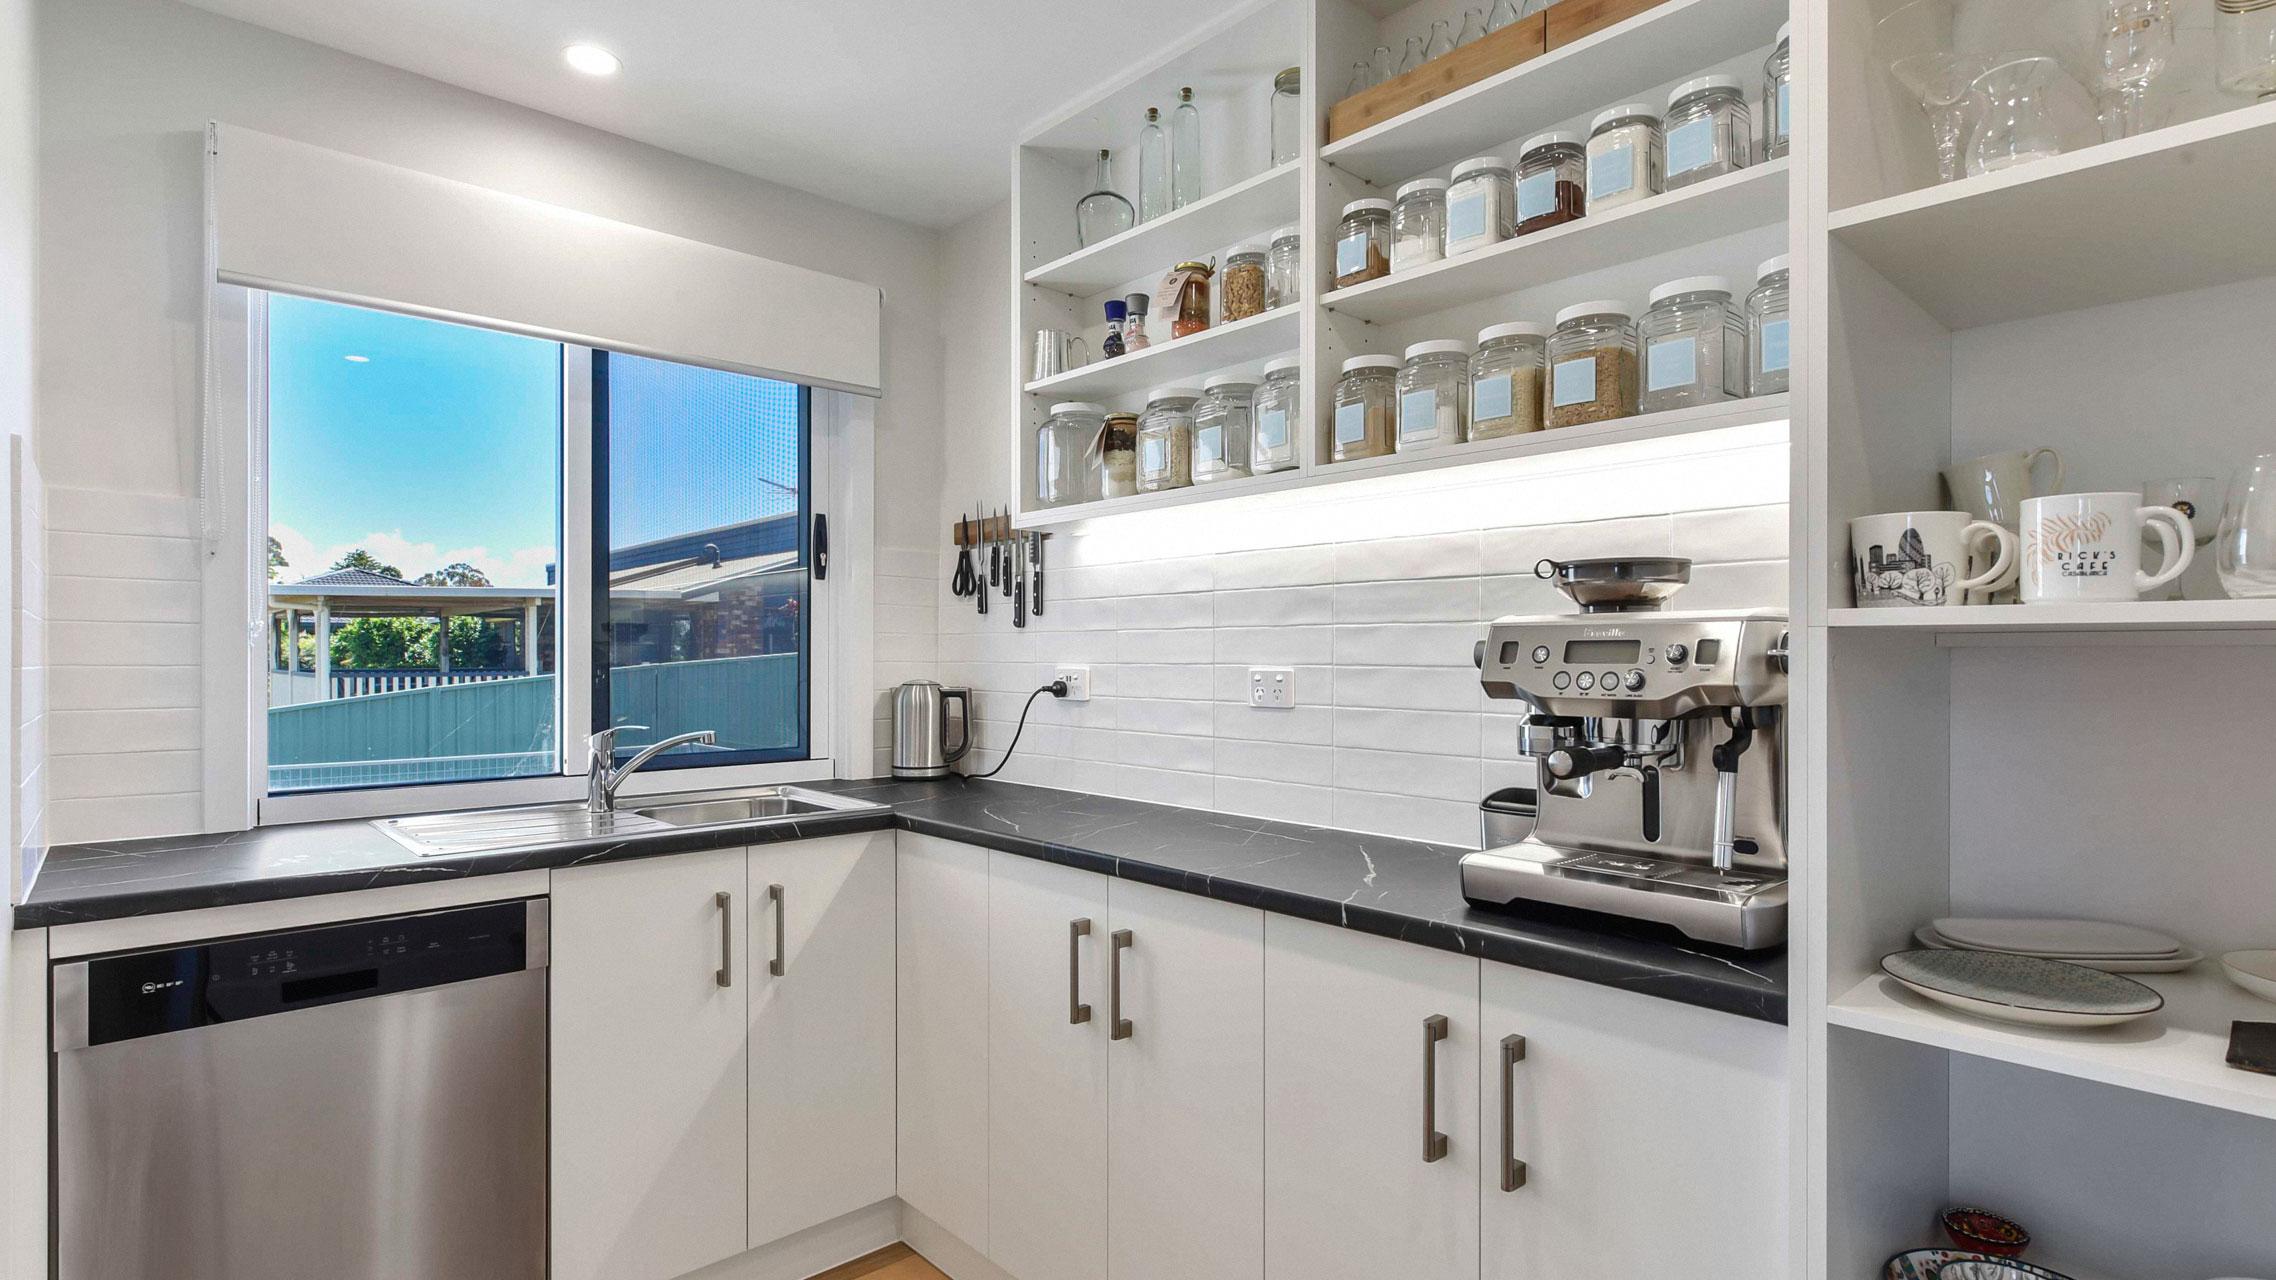 Premium Sliding Window in kitchen